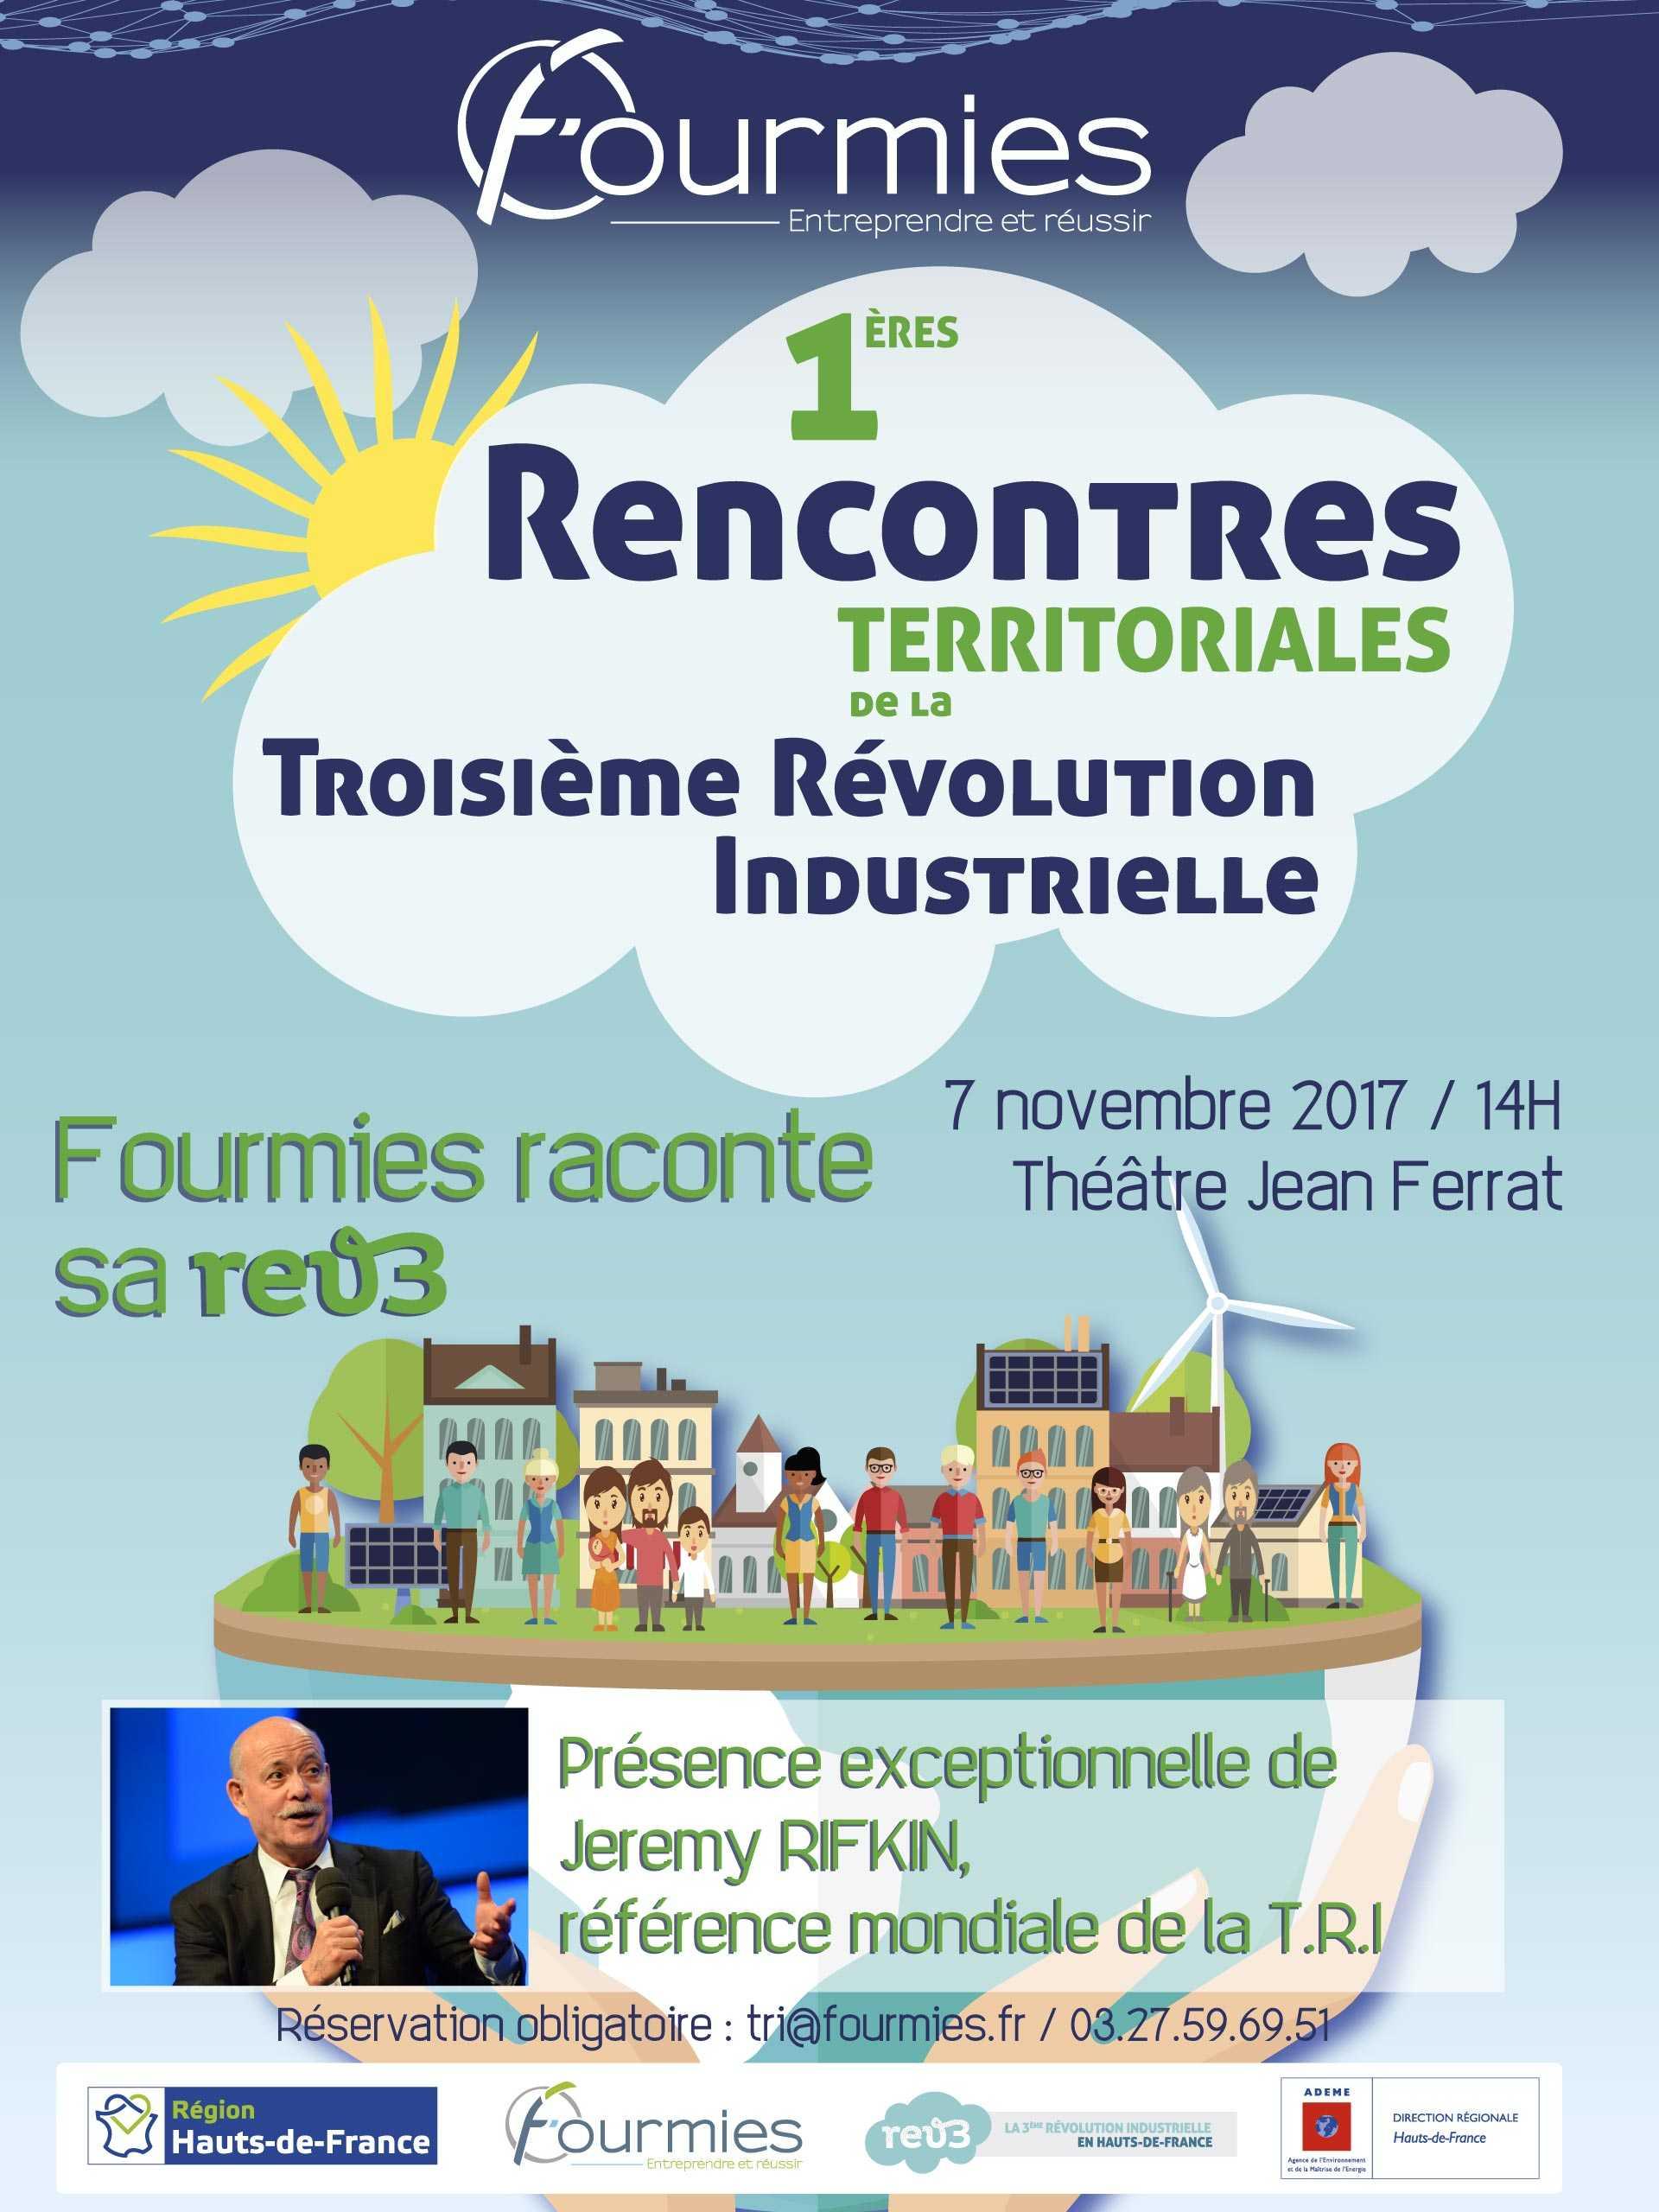 Rencontres territoriales de la cohesion urbaine